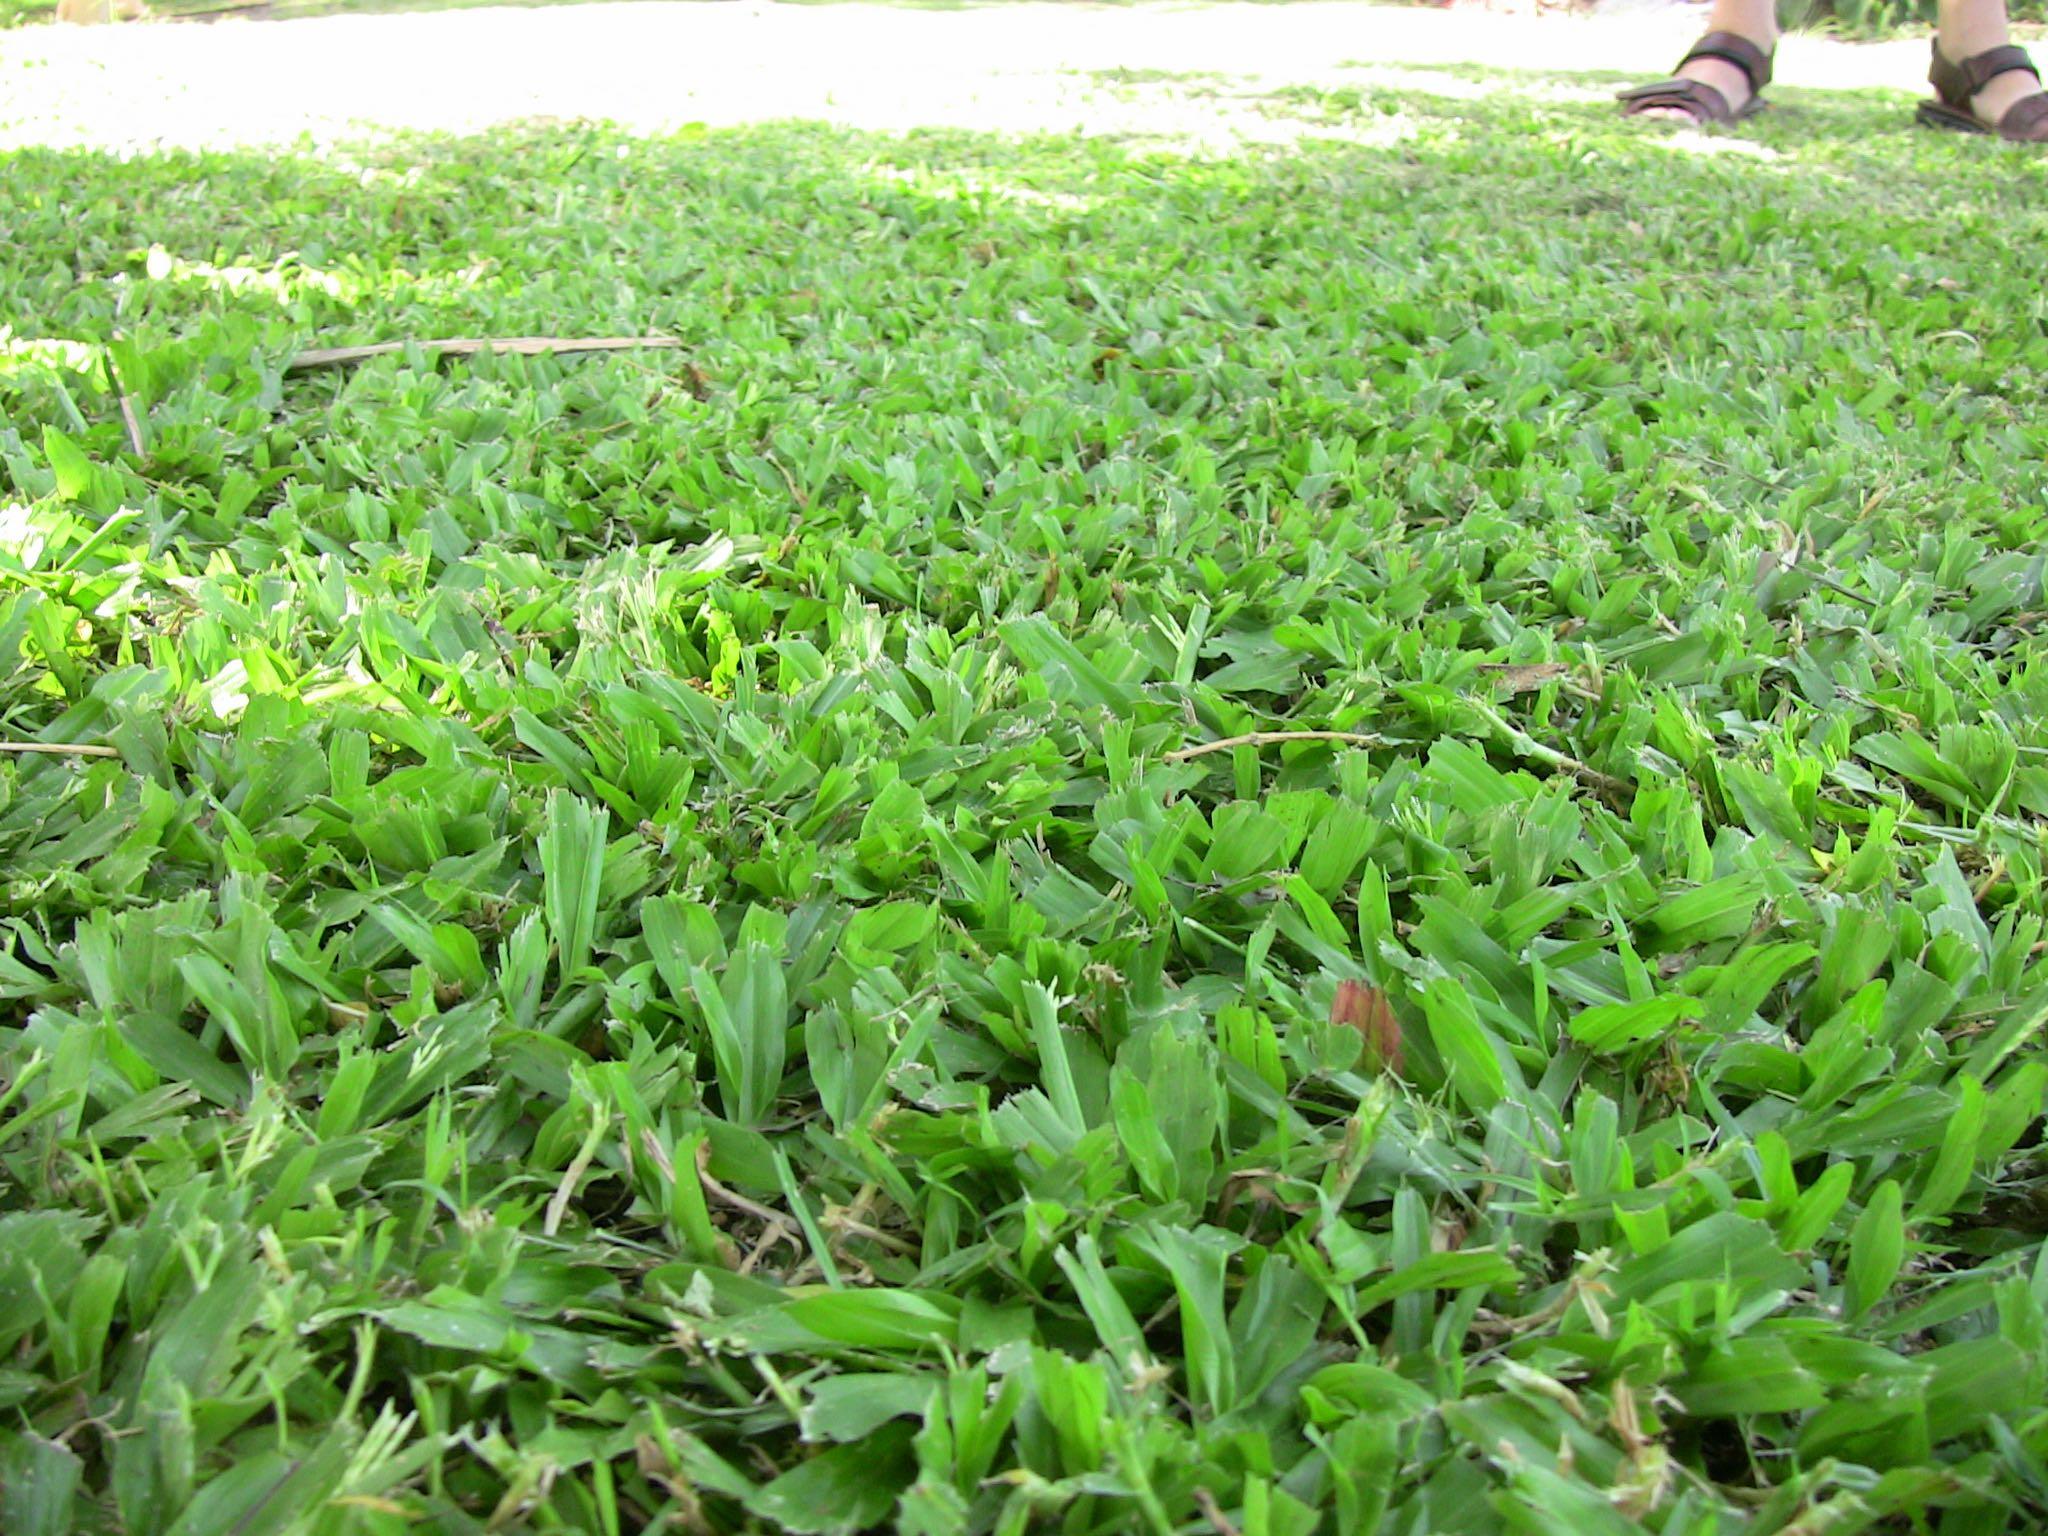 Carpet grass, Axonopus compressus - 501.3KB